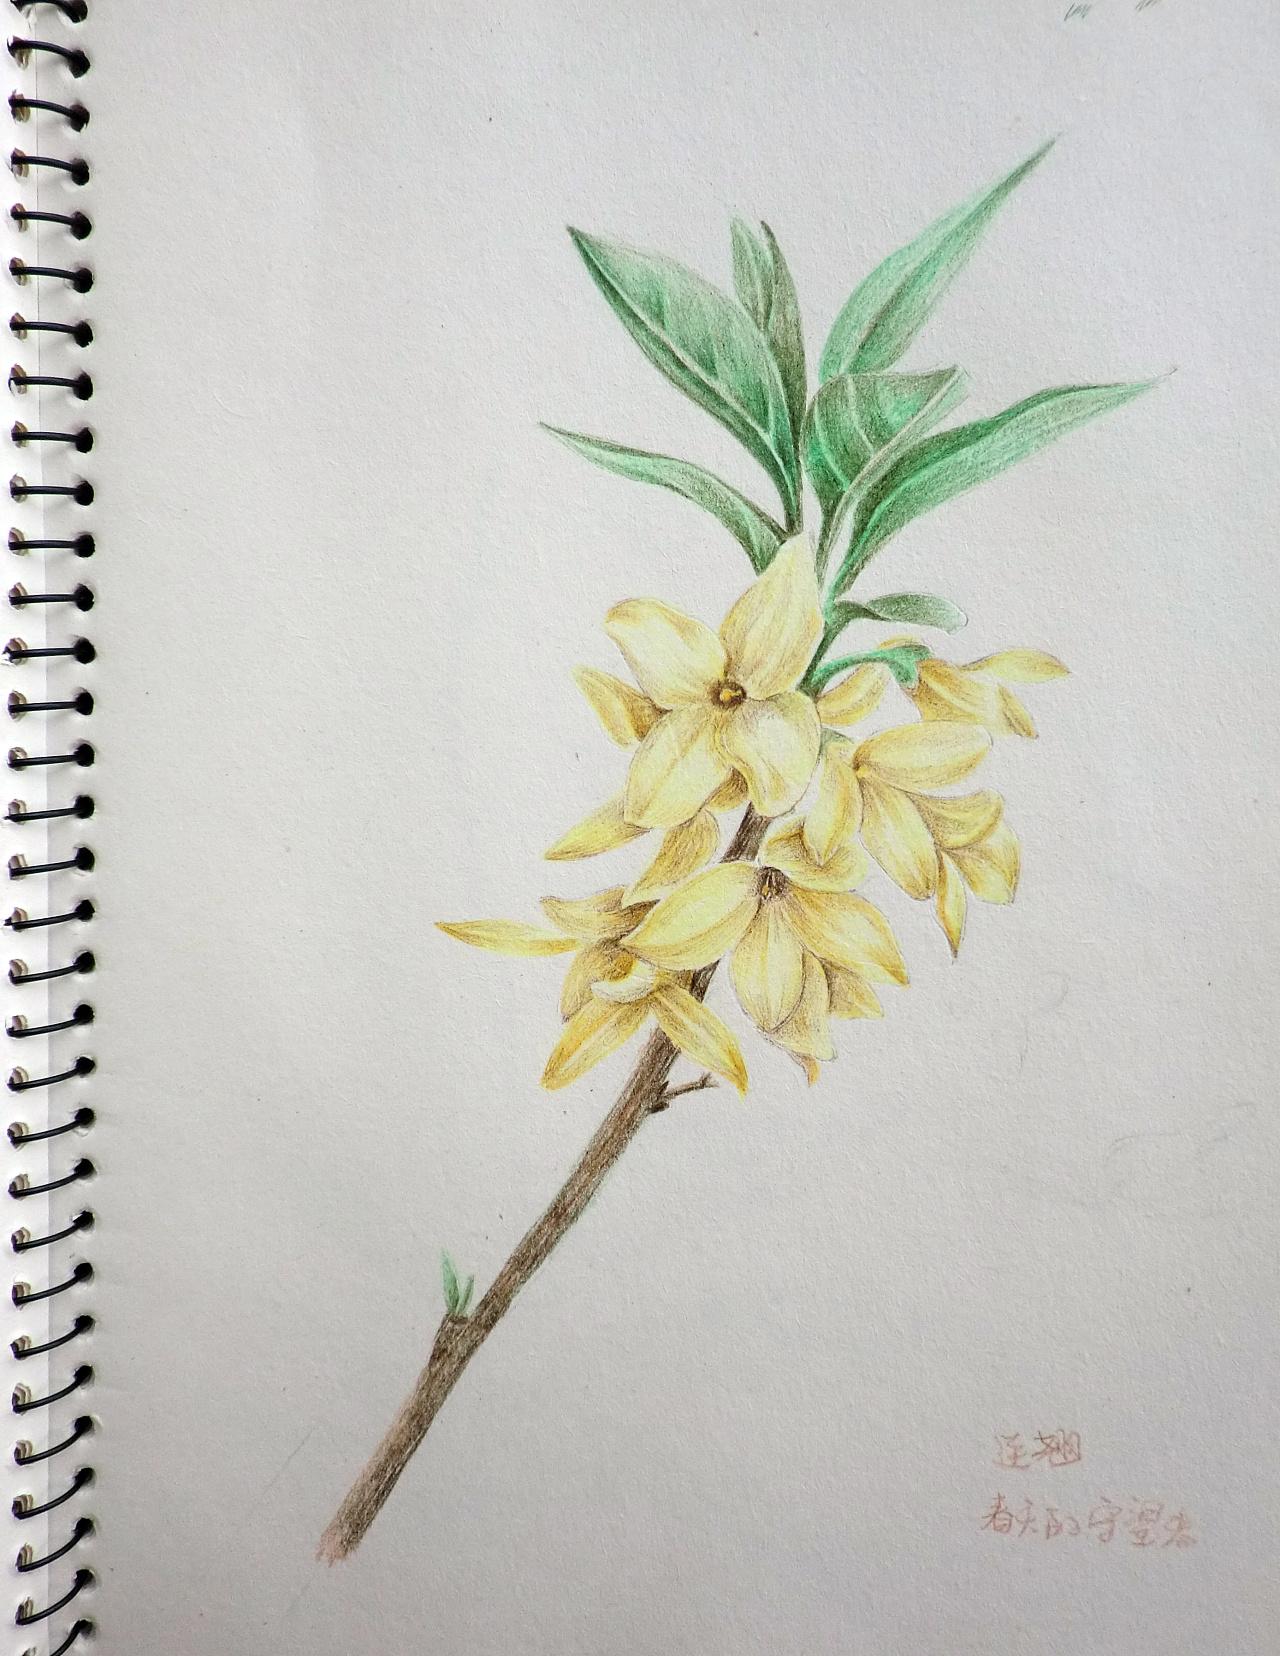 彩色铅笔手绘画 ---花 2